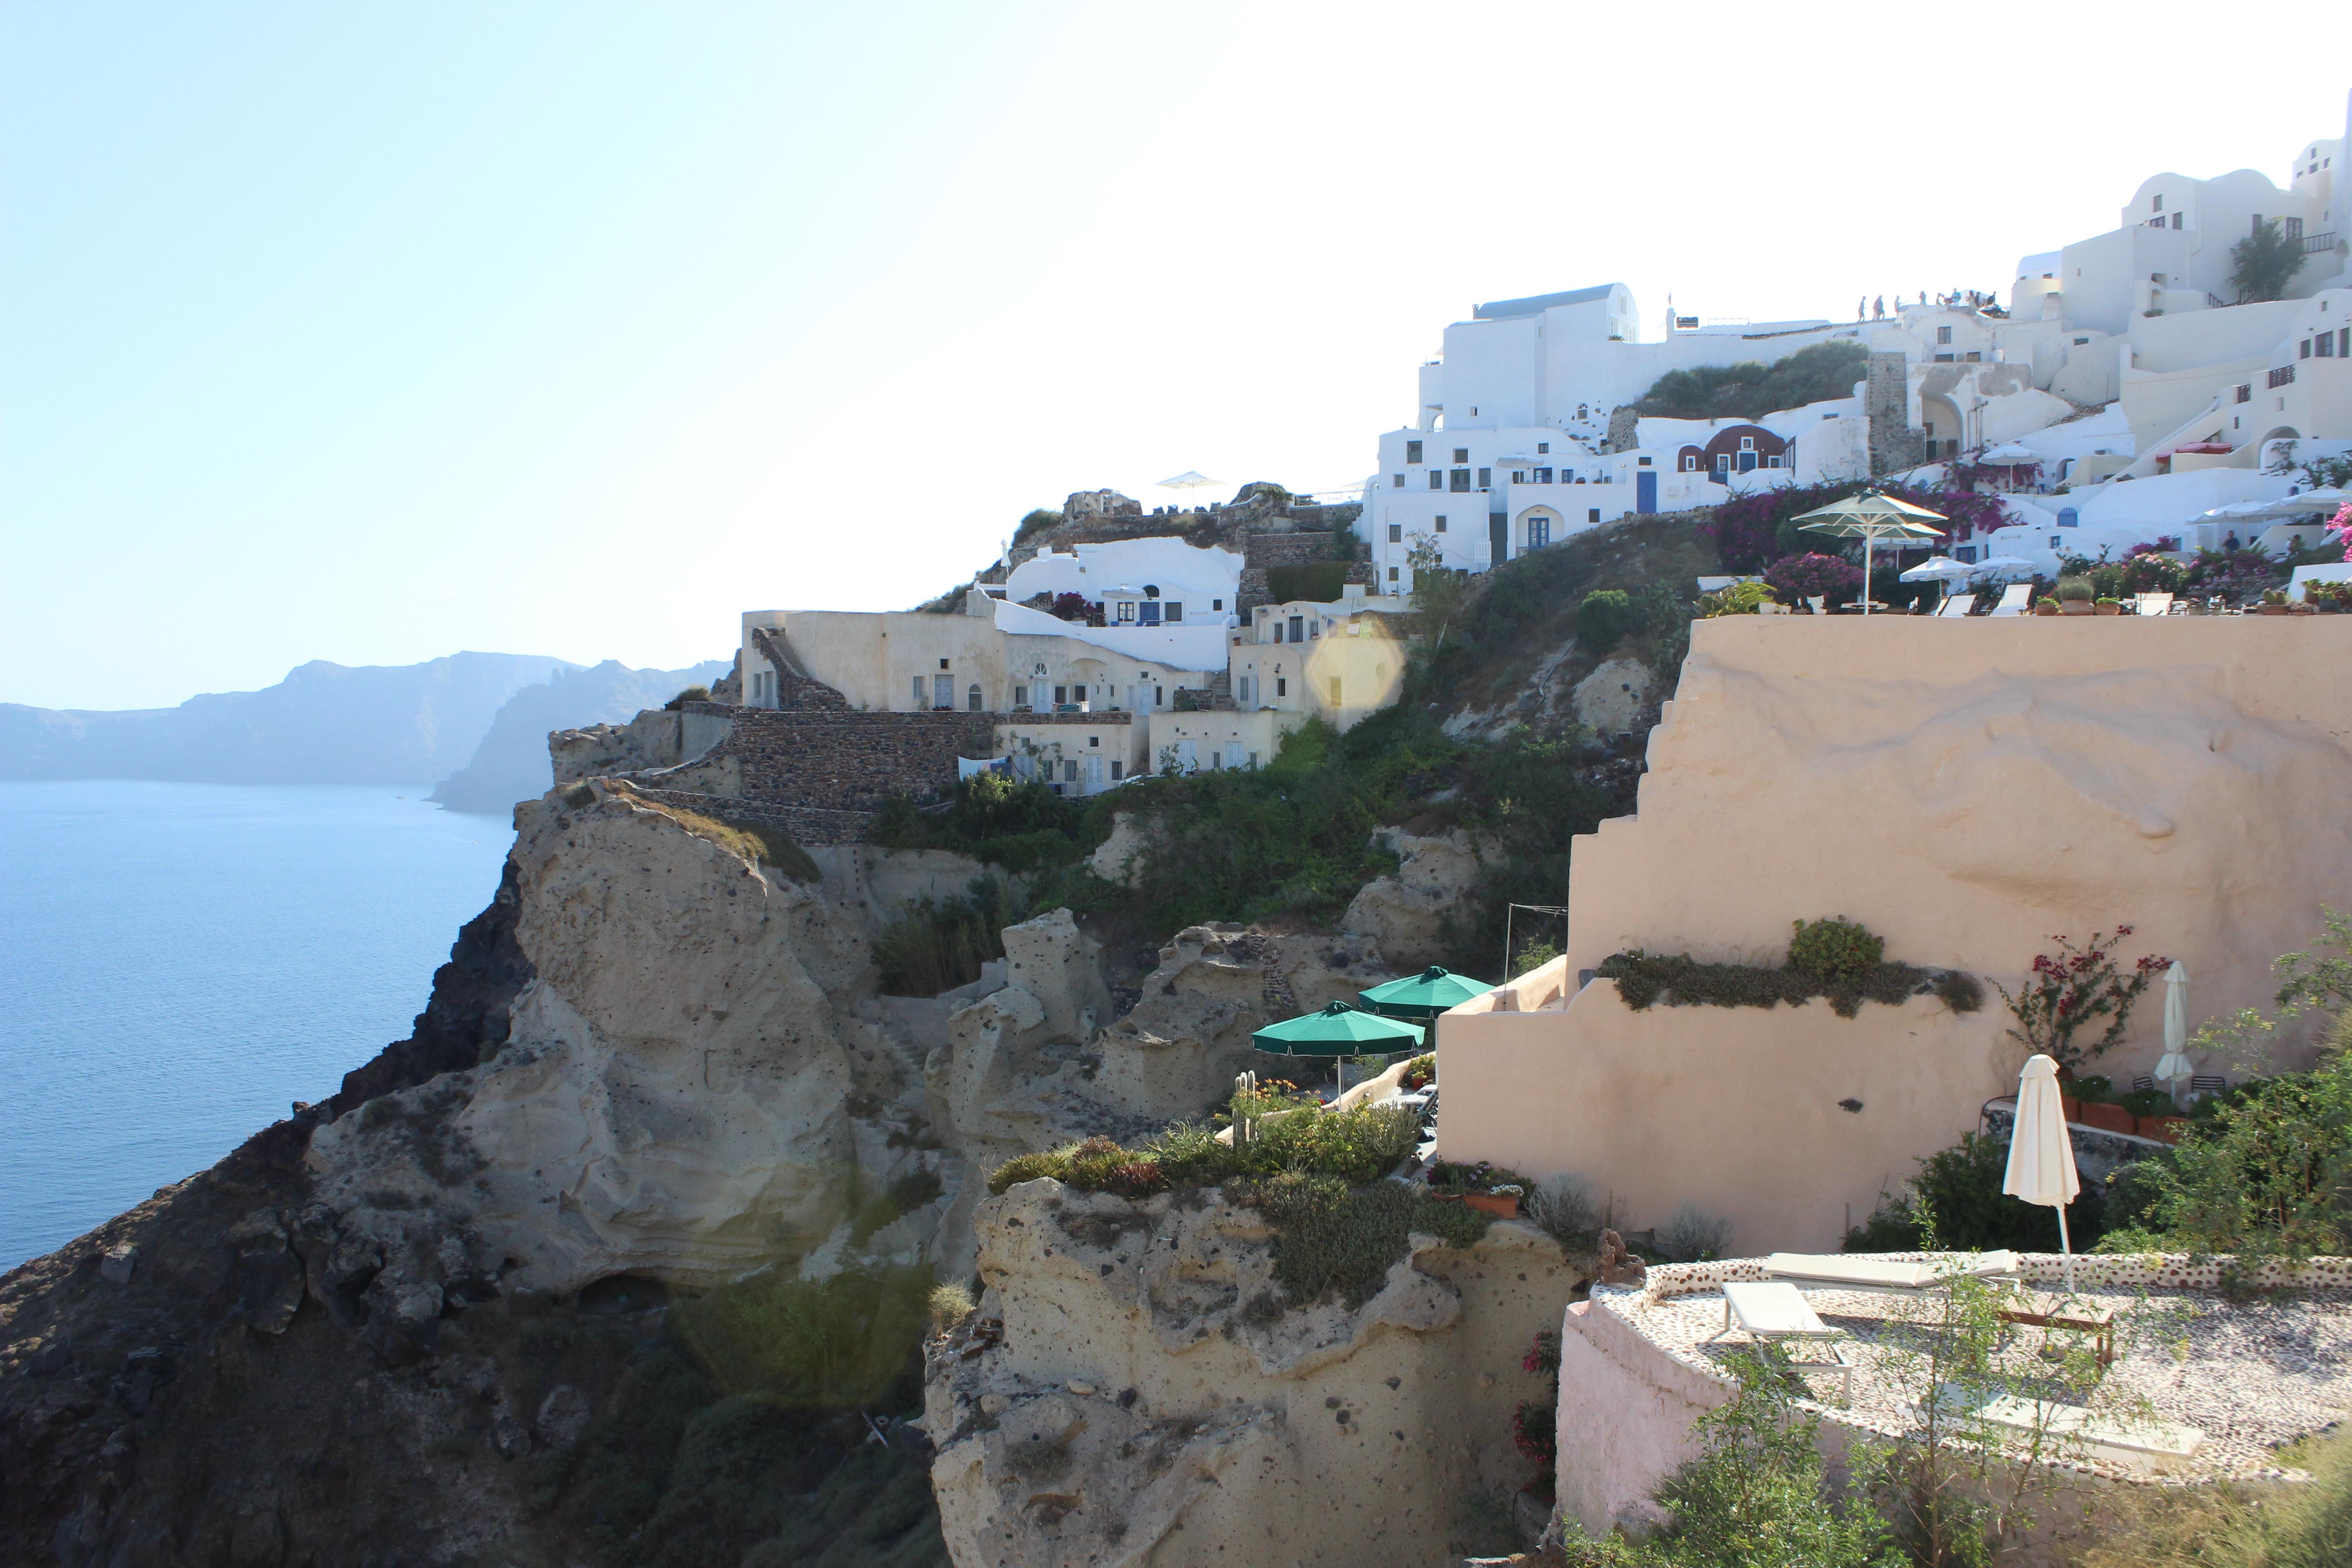 18. White houses on the rocks - Oia, Santorini